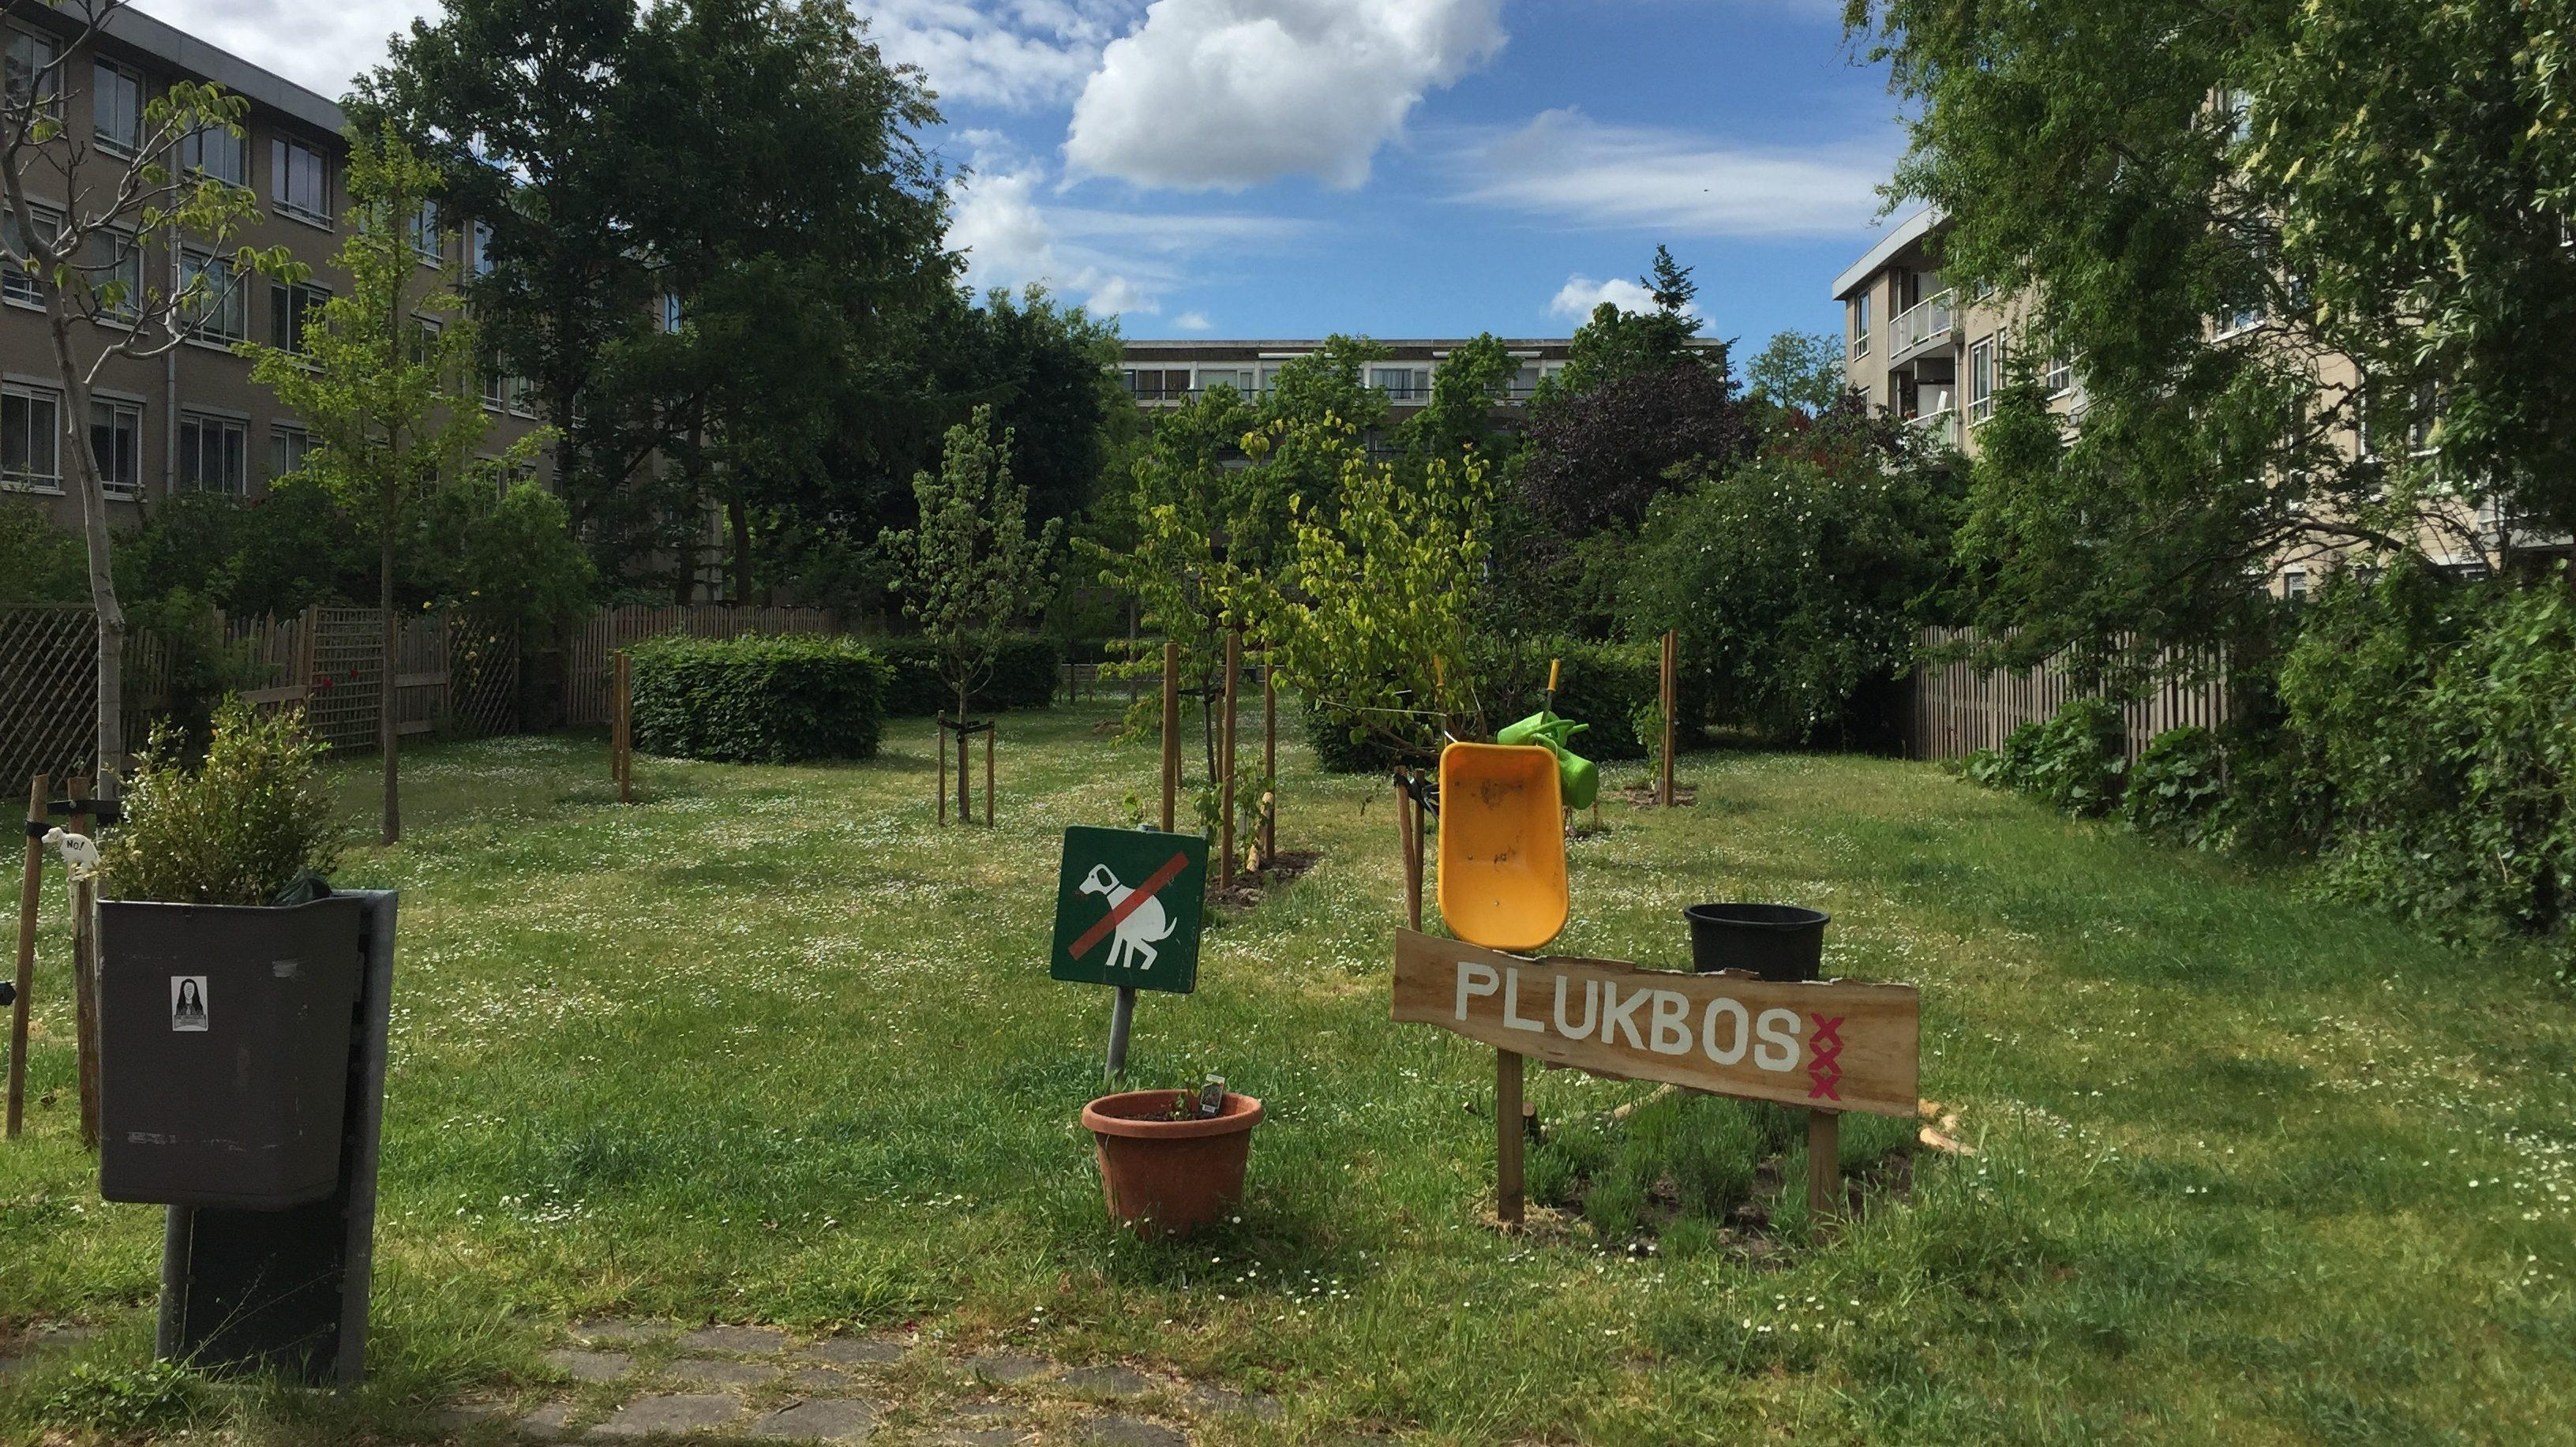 Het Plukbos. Een binnenveldje tussen woningen met gras, de aanplant van jonge bomen en een bordje verboden te poepen voor honden.